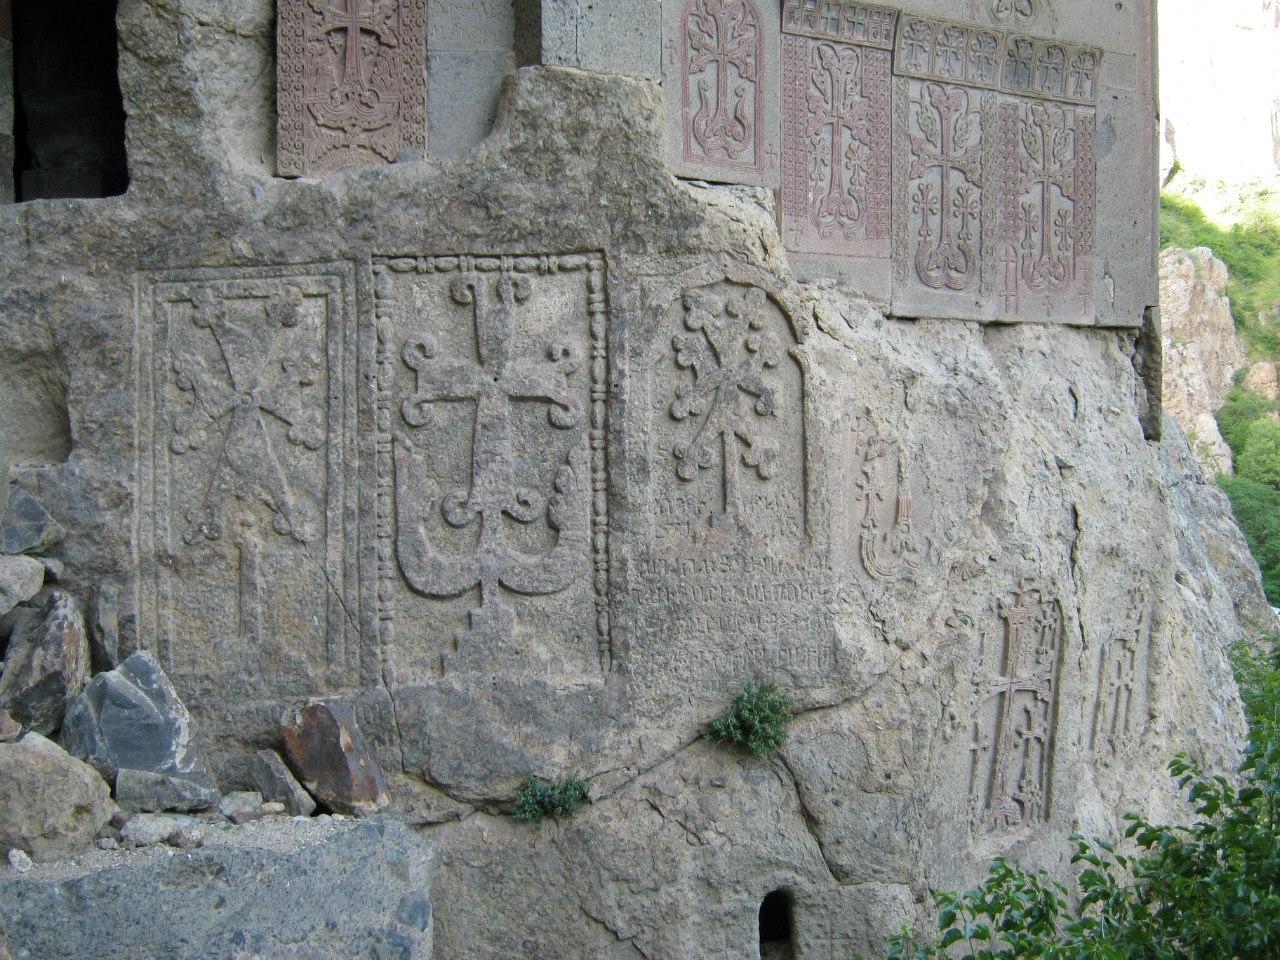 Древние хачкары высеченные в скале